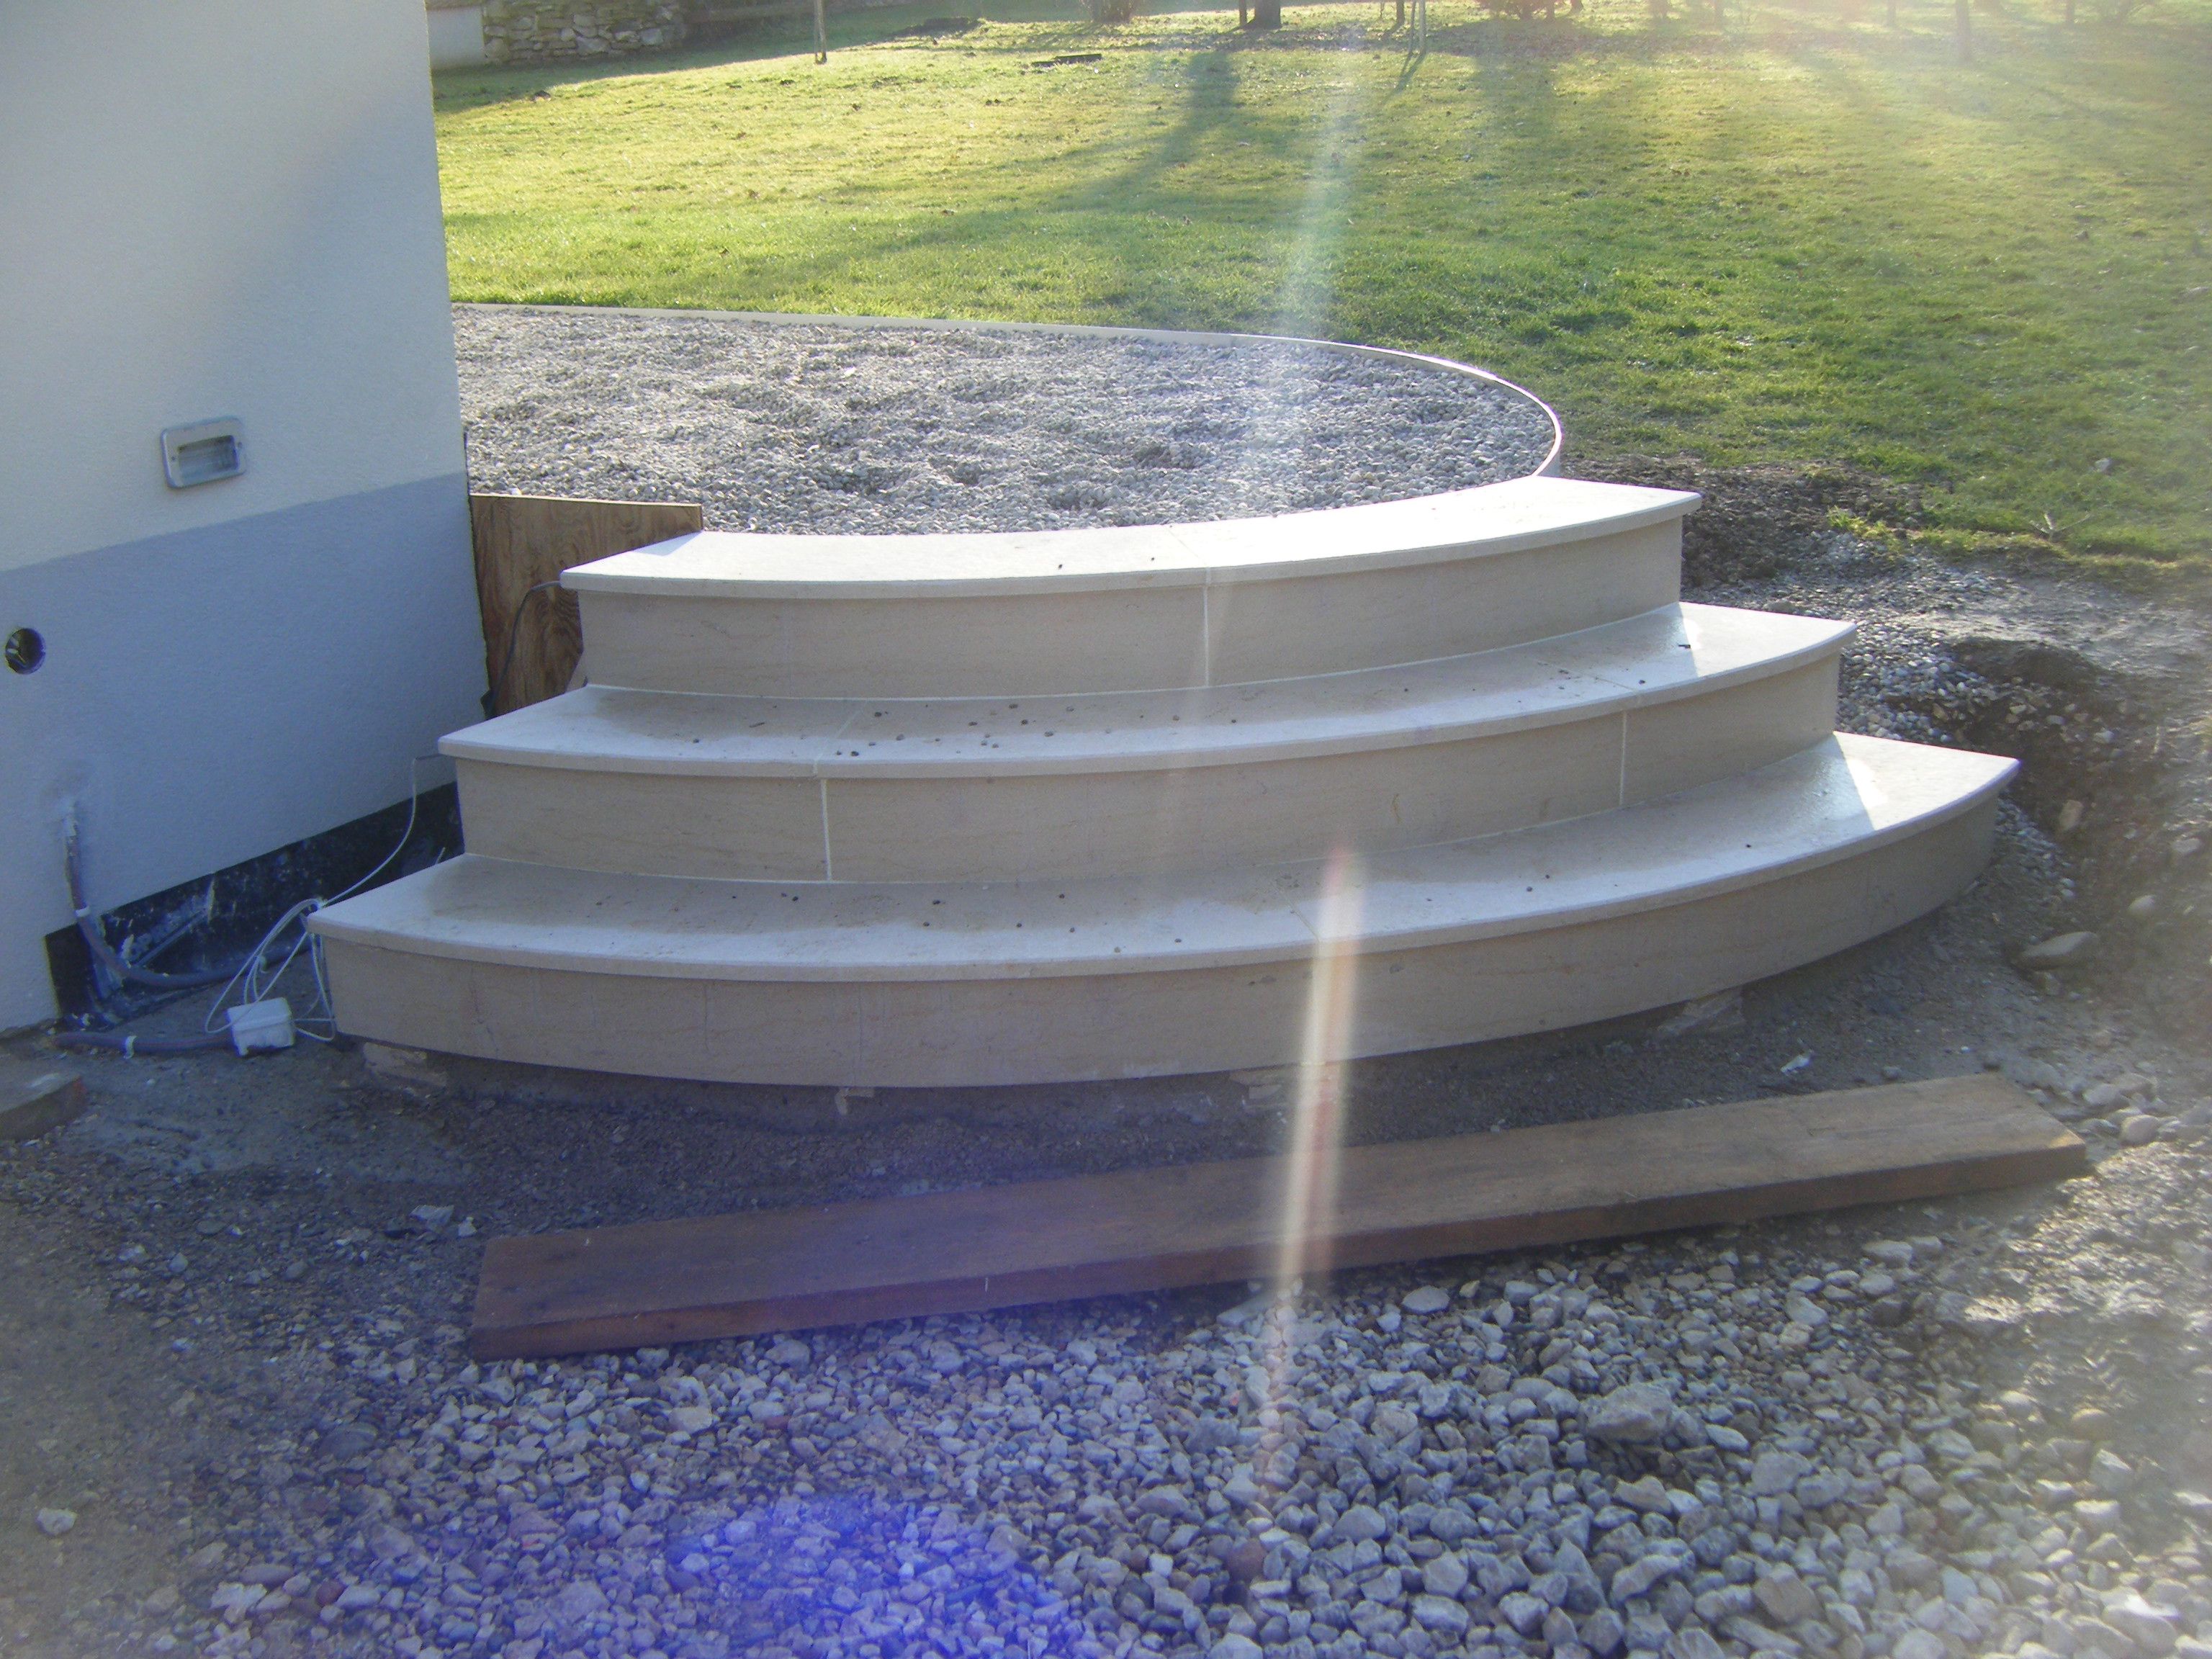 escalier-arrondi-exterieur-pierre-marbre-granit